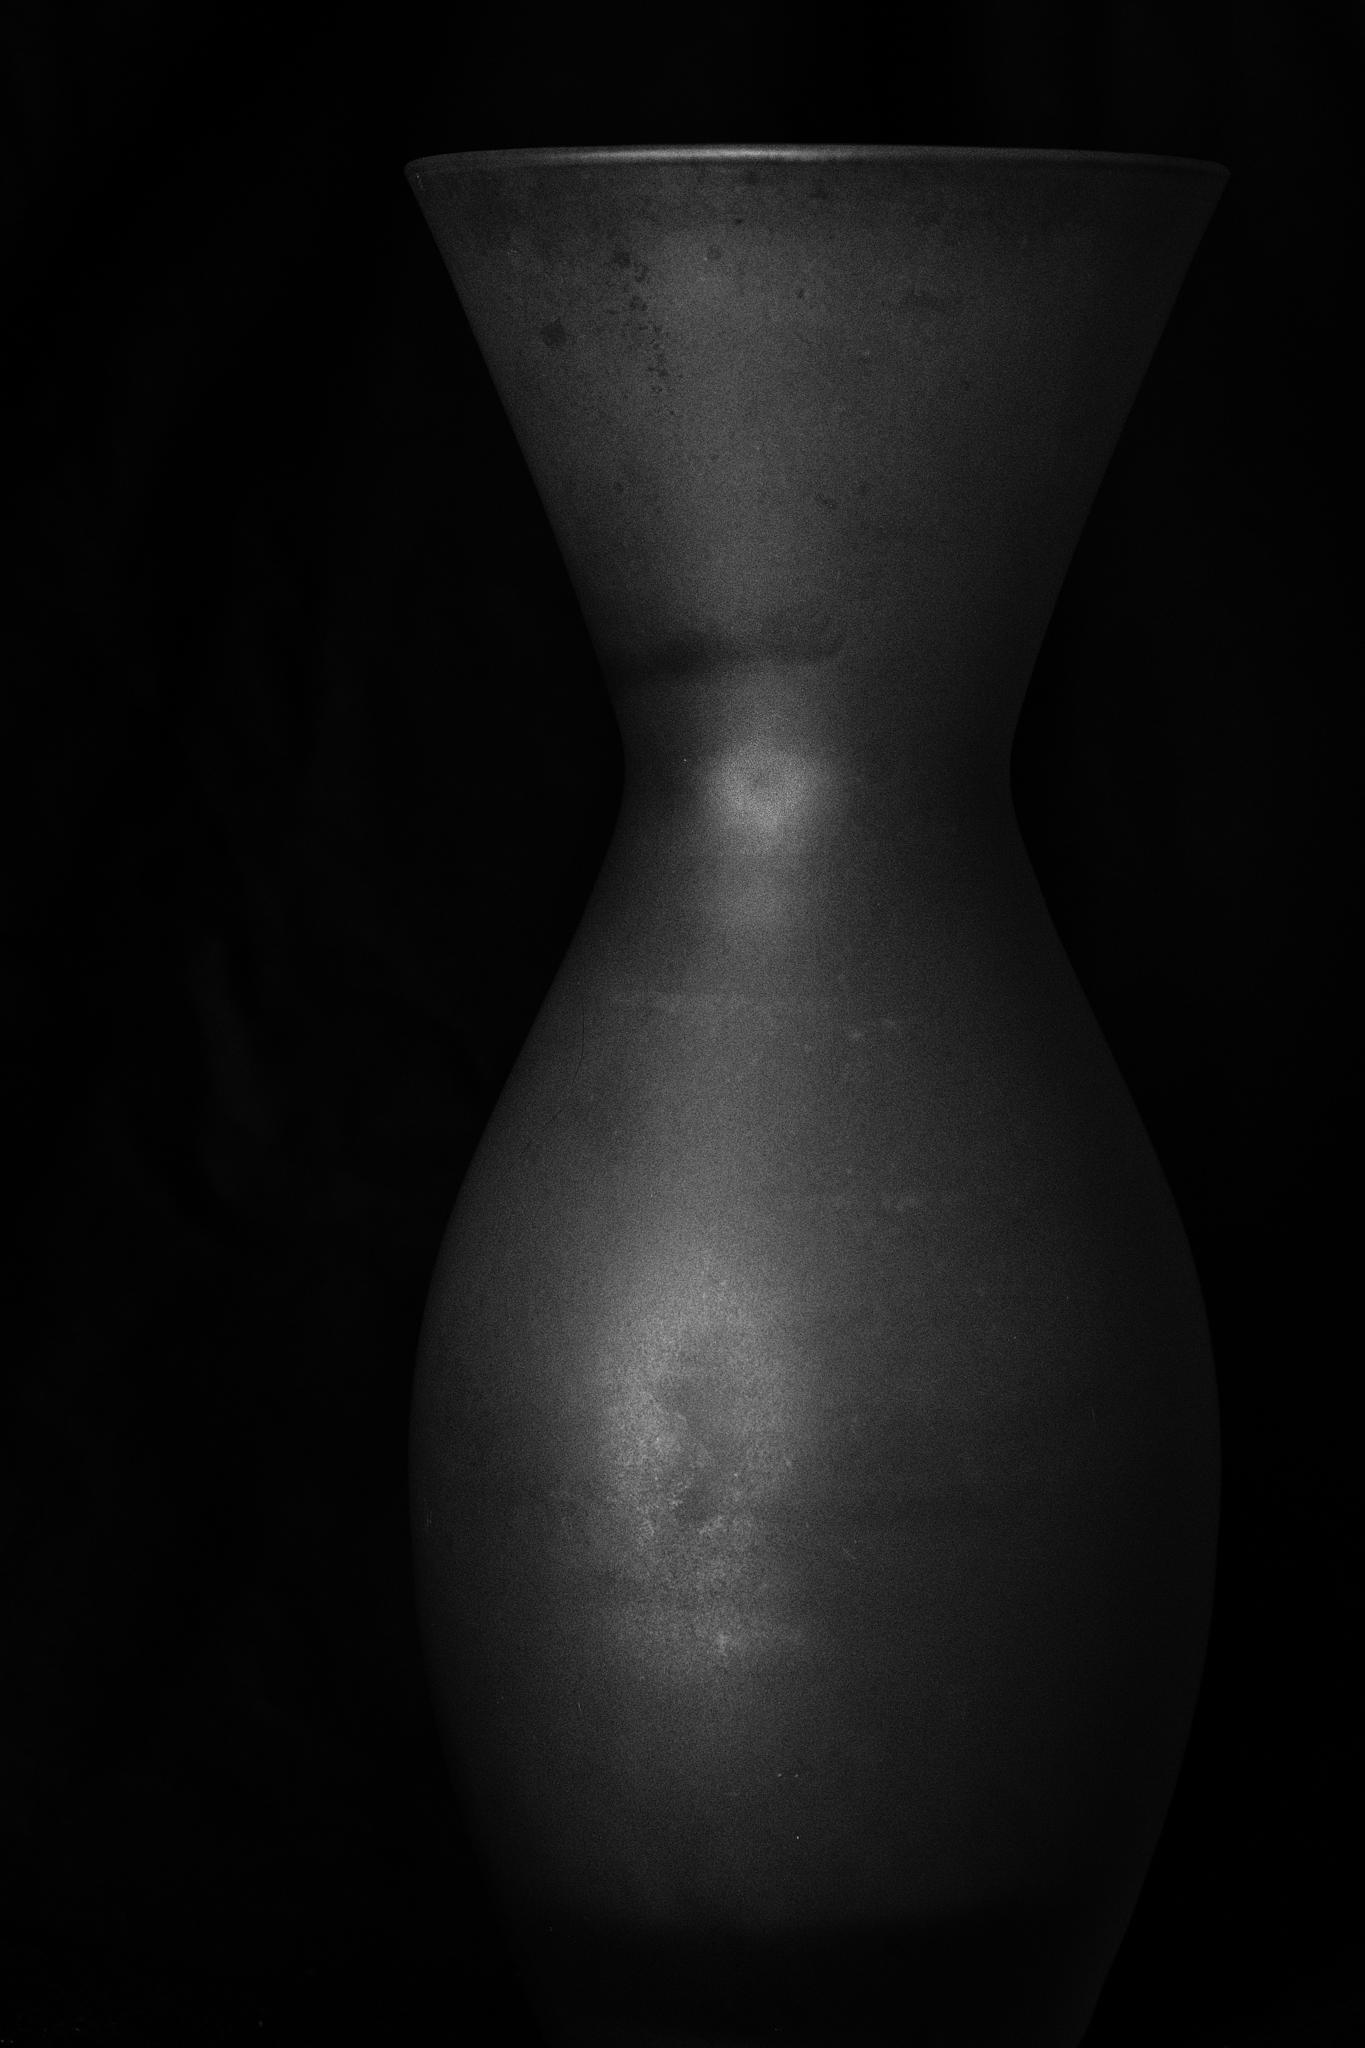 Vase by isegarth